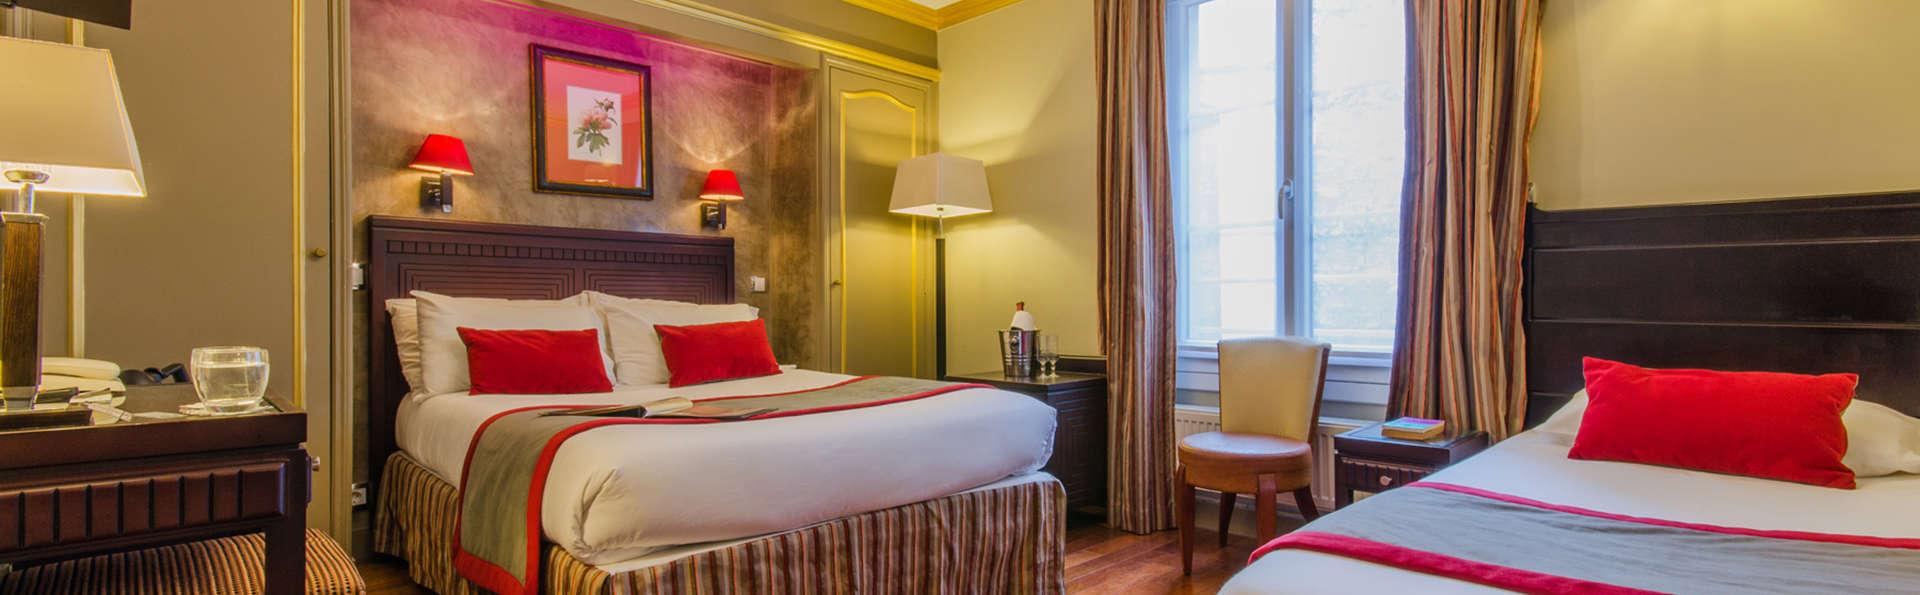 Ambiance cosy en chambre triple dans le 9e arrondissement de Paris